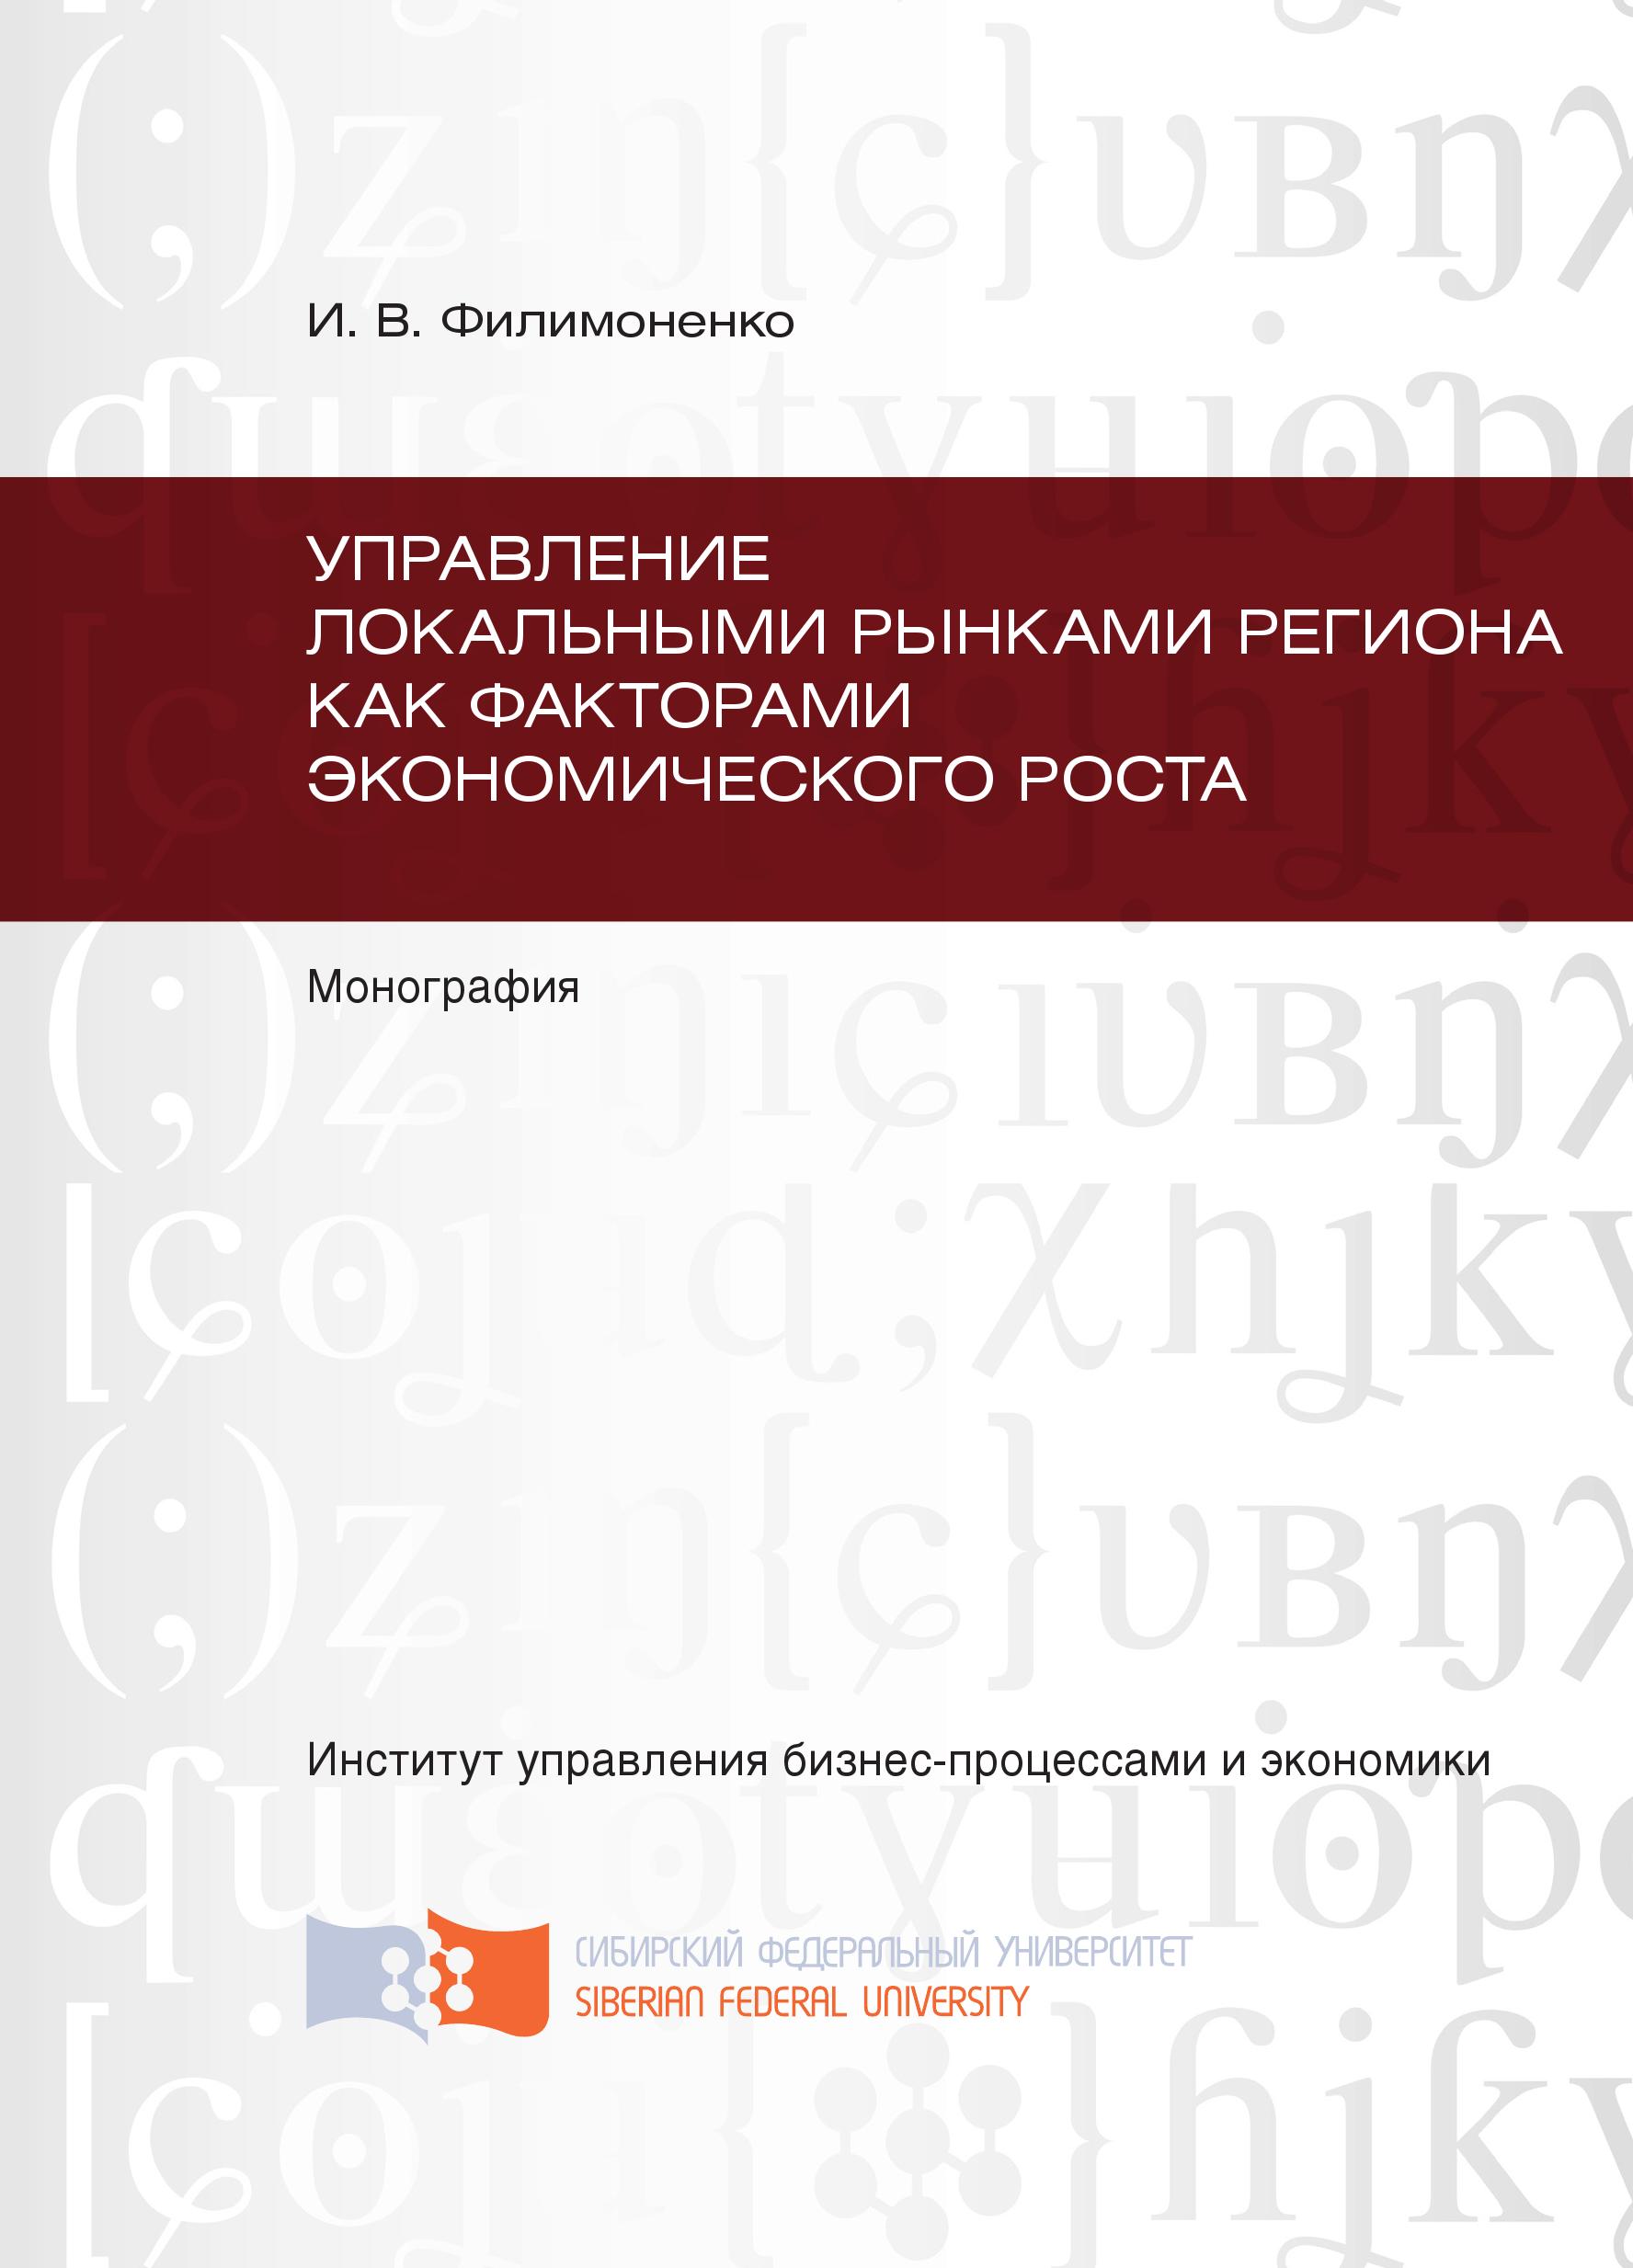 Ирина Филимоненко Управление локальными рынками региона как факторами экономического роста олег дельман управление региональными рынками нефтепродуктов теория и методология